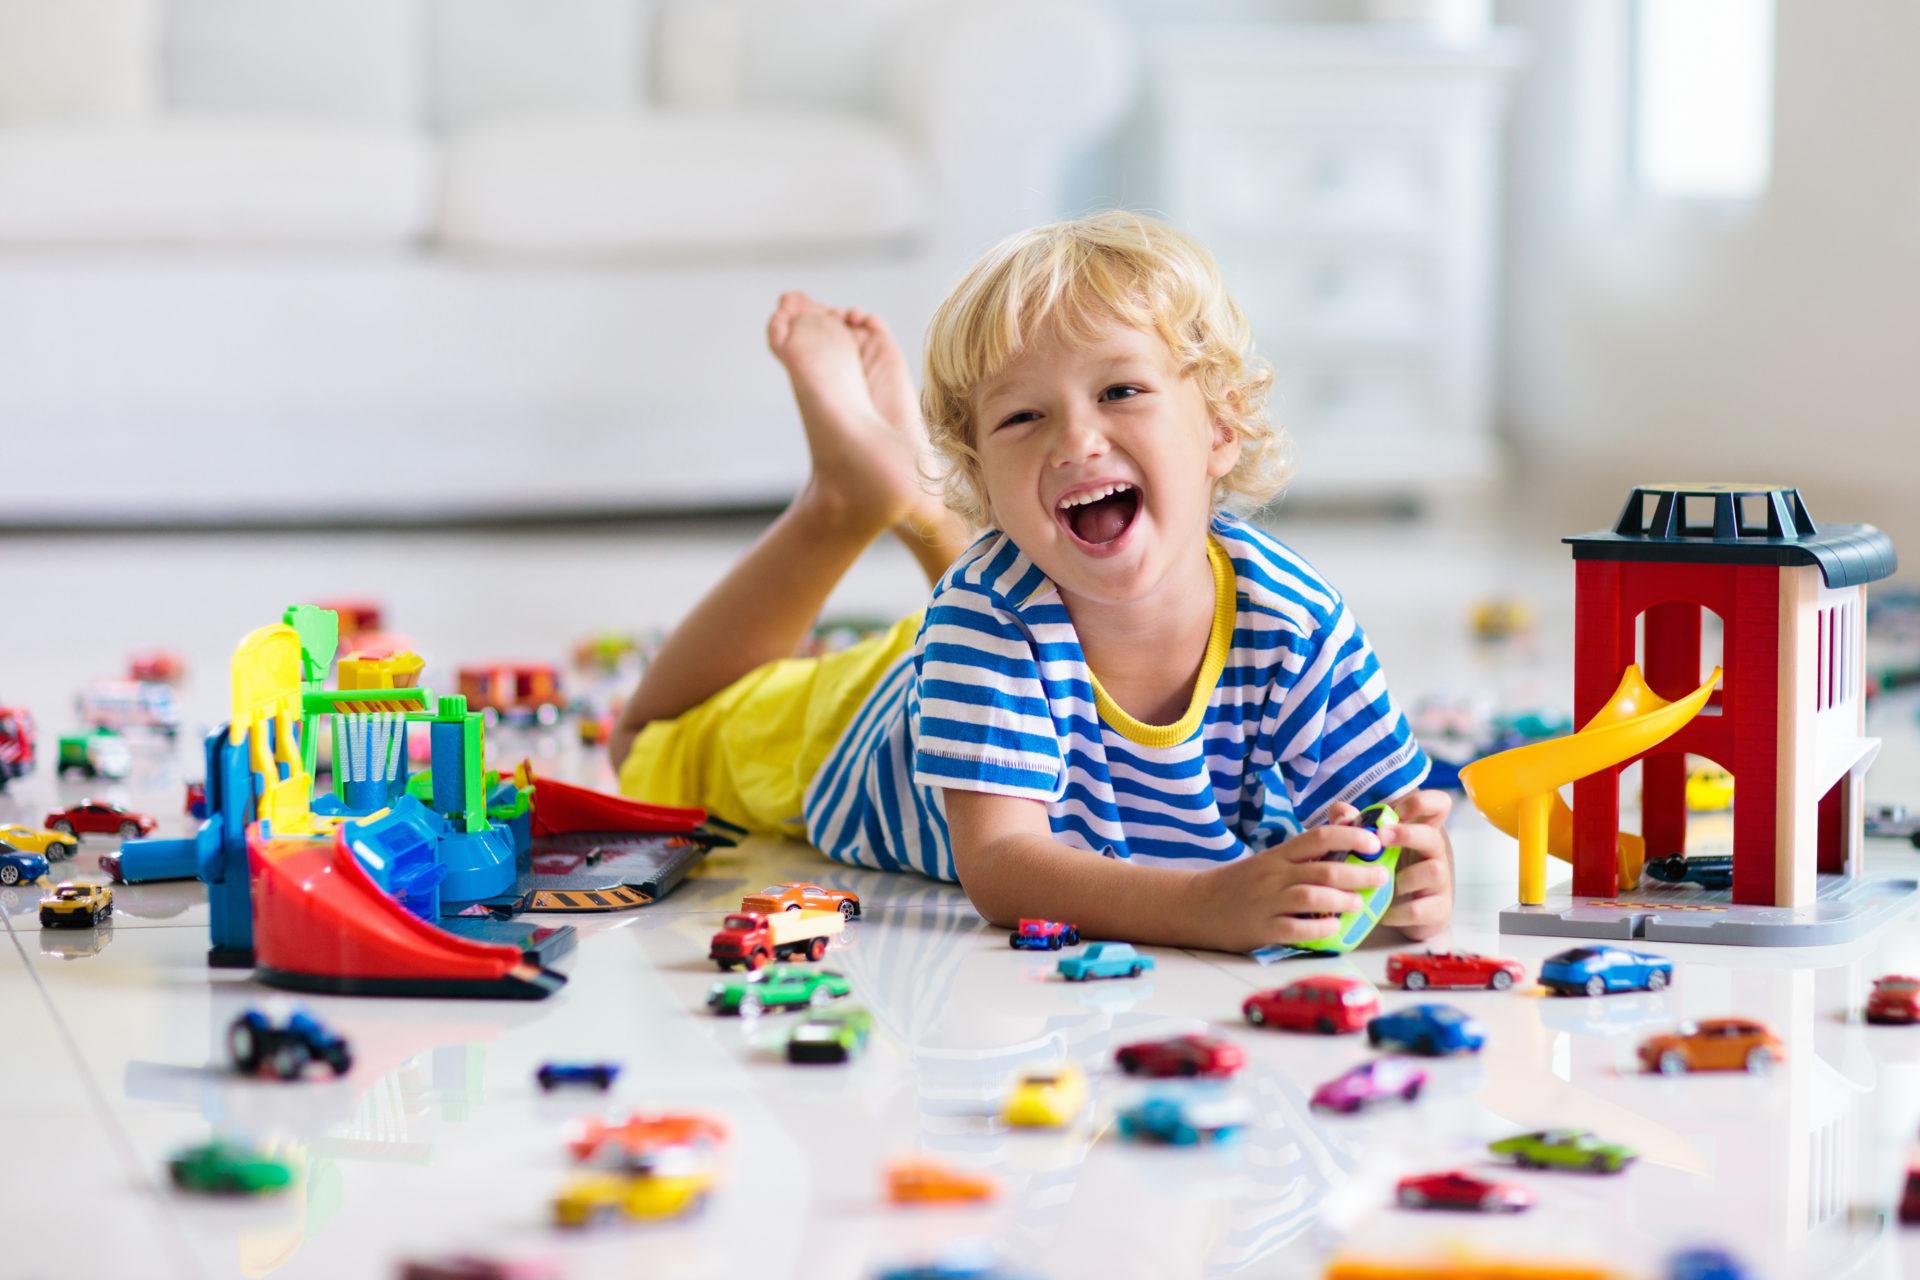 Jeu Eveil Enfant, Jouet Eveil Enfant, Cadeau D'eveil Pour dedans Jeux Pour Enfant De 3 Ans